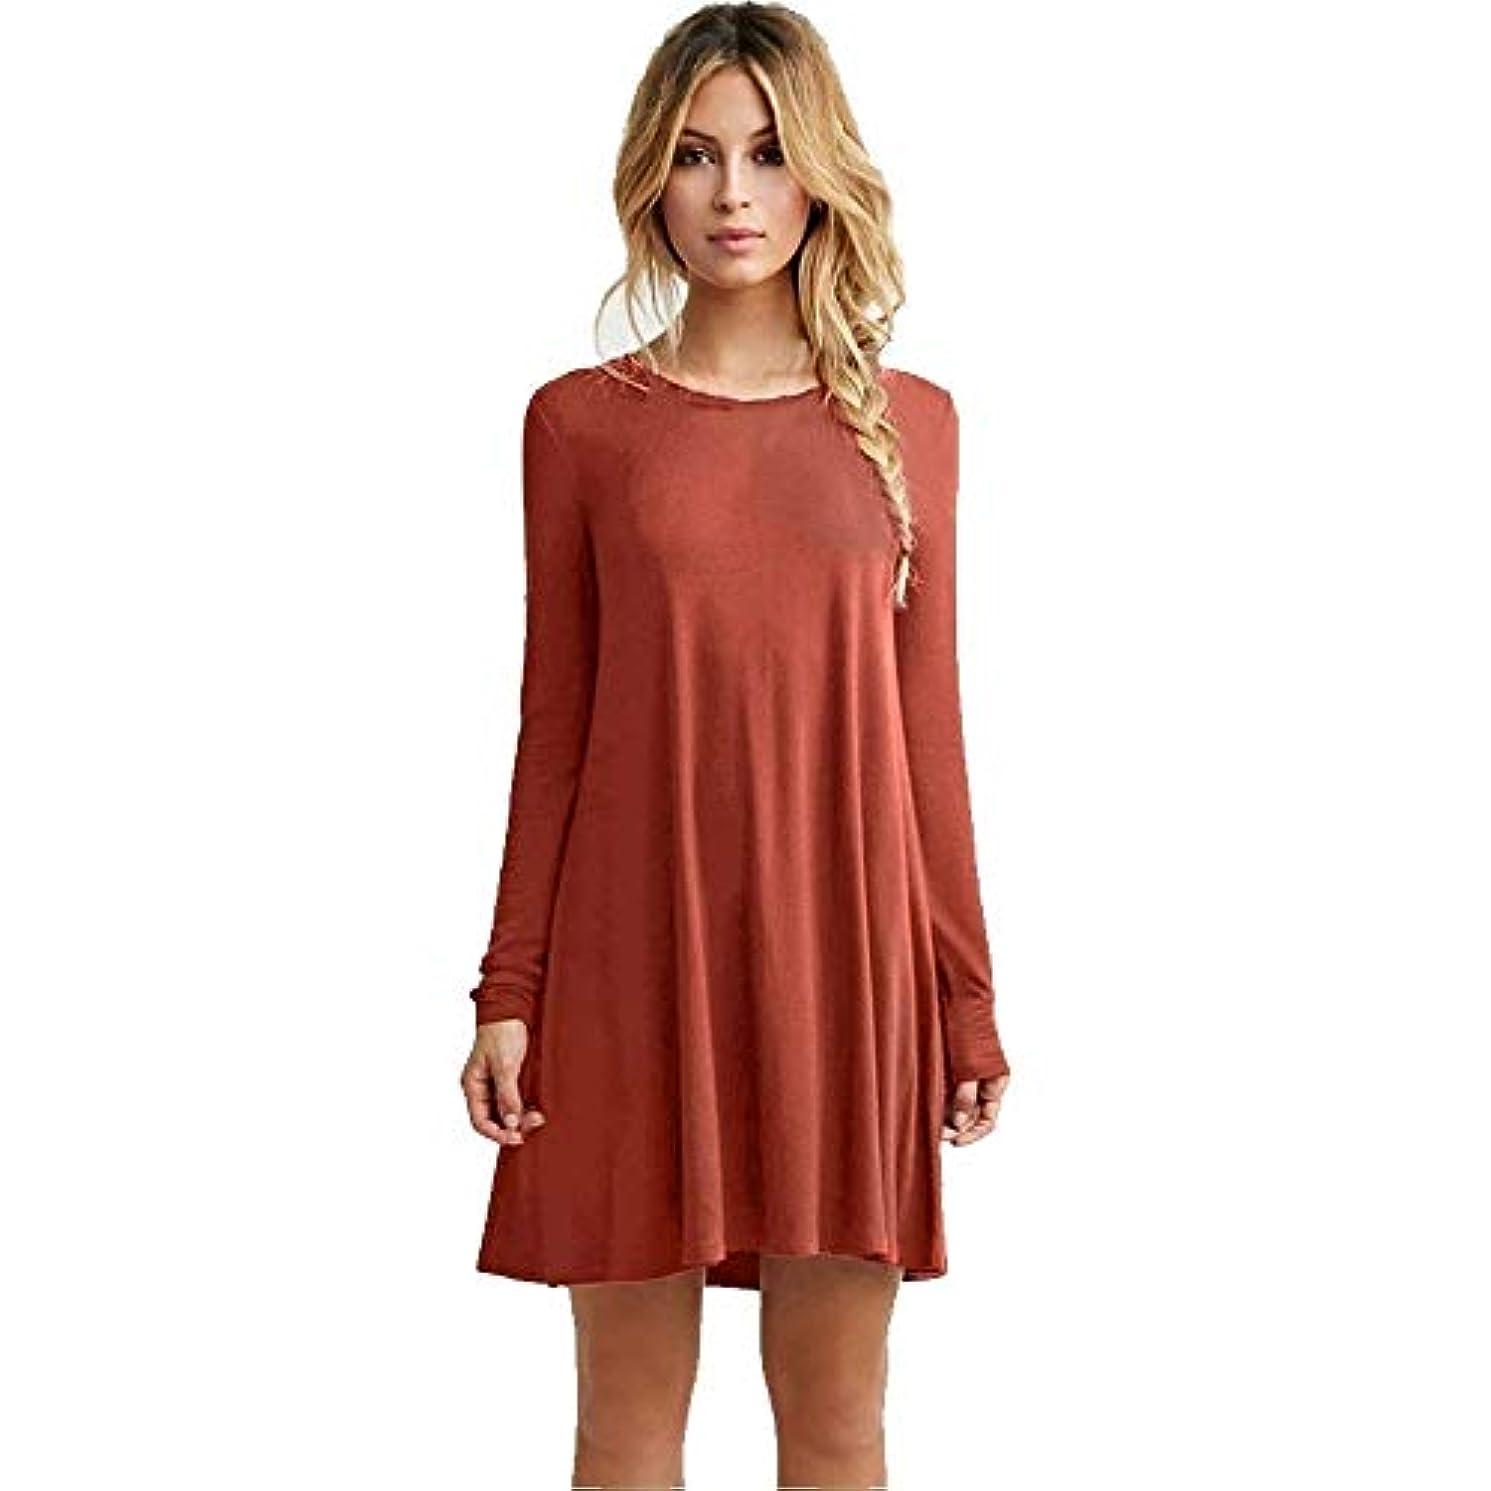 下線有料盗難MIFANルースドレス、プラスサイズのドレス、長袖のドレス、女性のドレス、秋のドレス、マキシドレス、コットンドレス